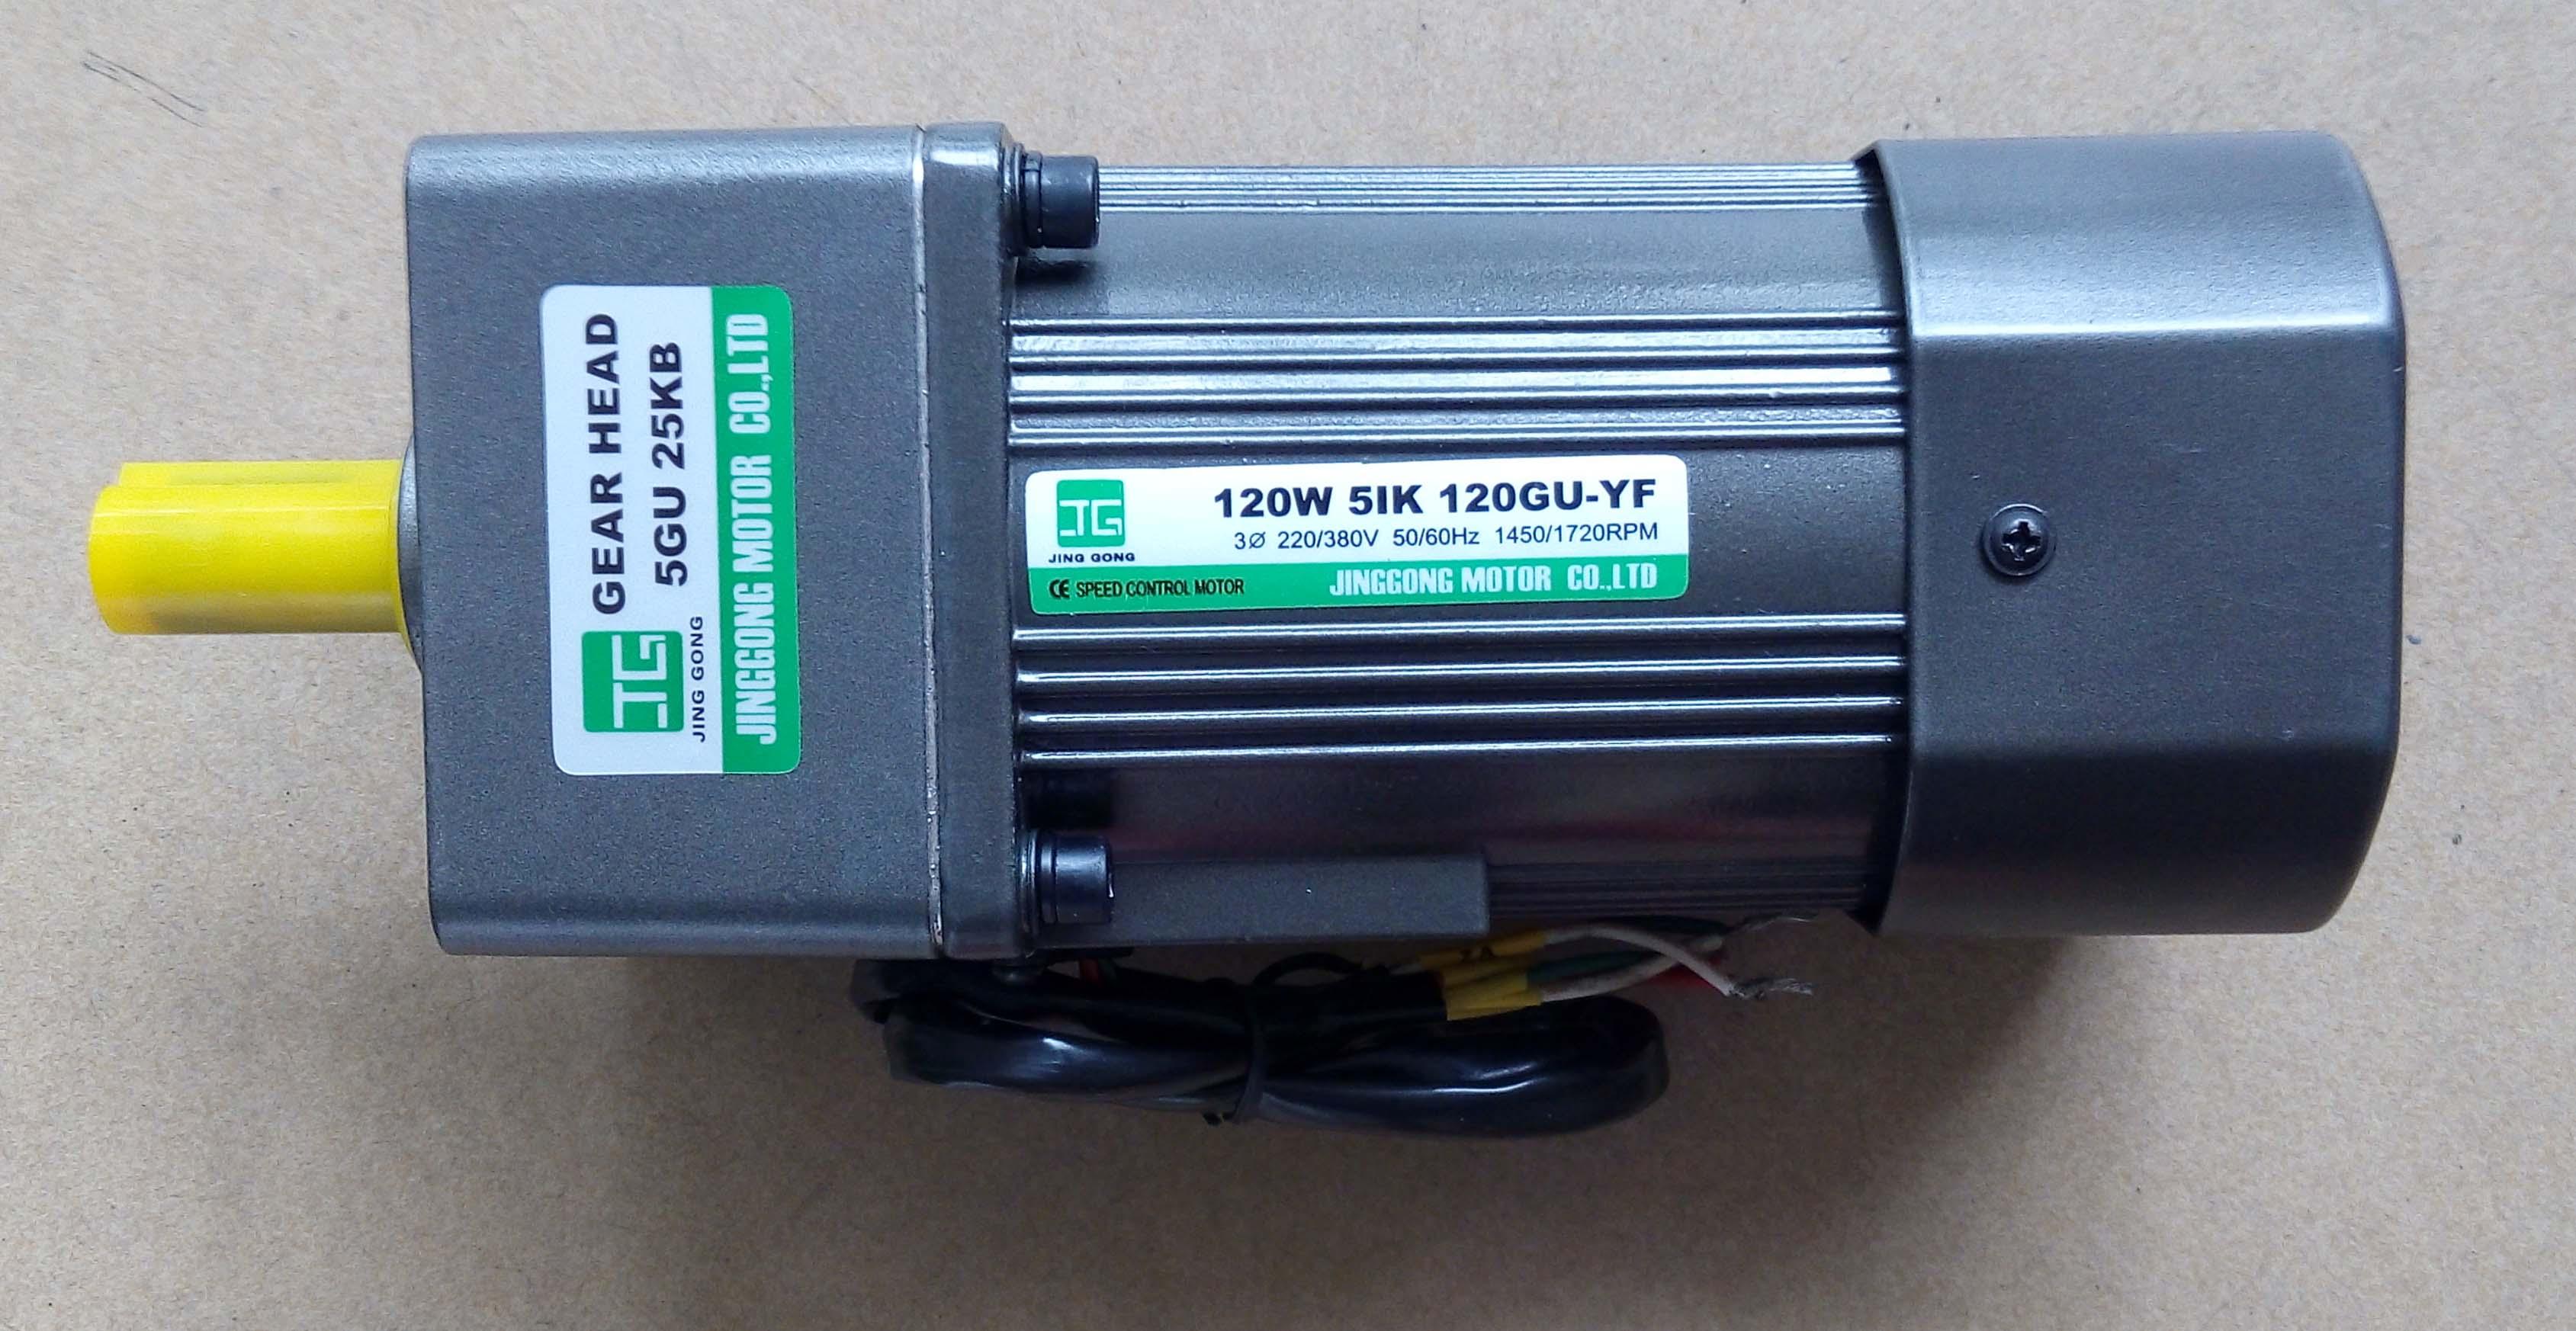 供应精工120W三相减速电机5IK120GU-YF/5GU50K 精工JG120W三相减速电机